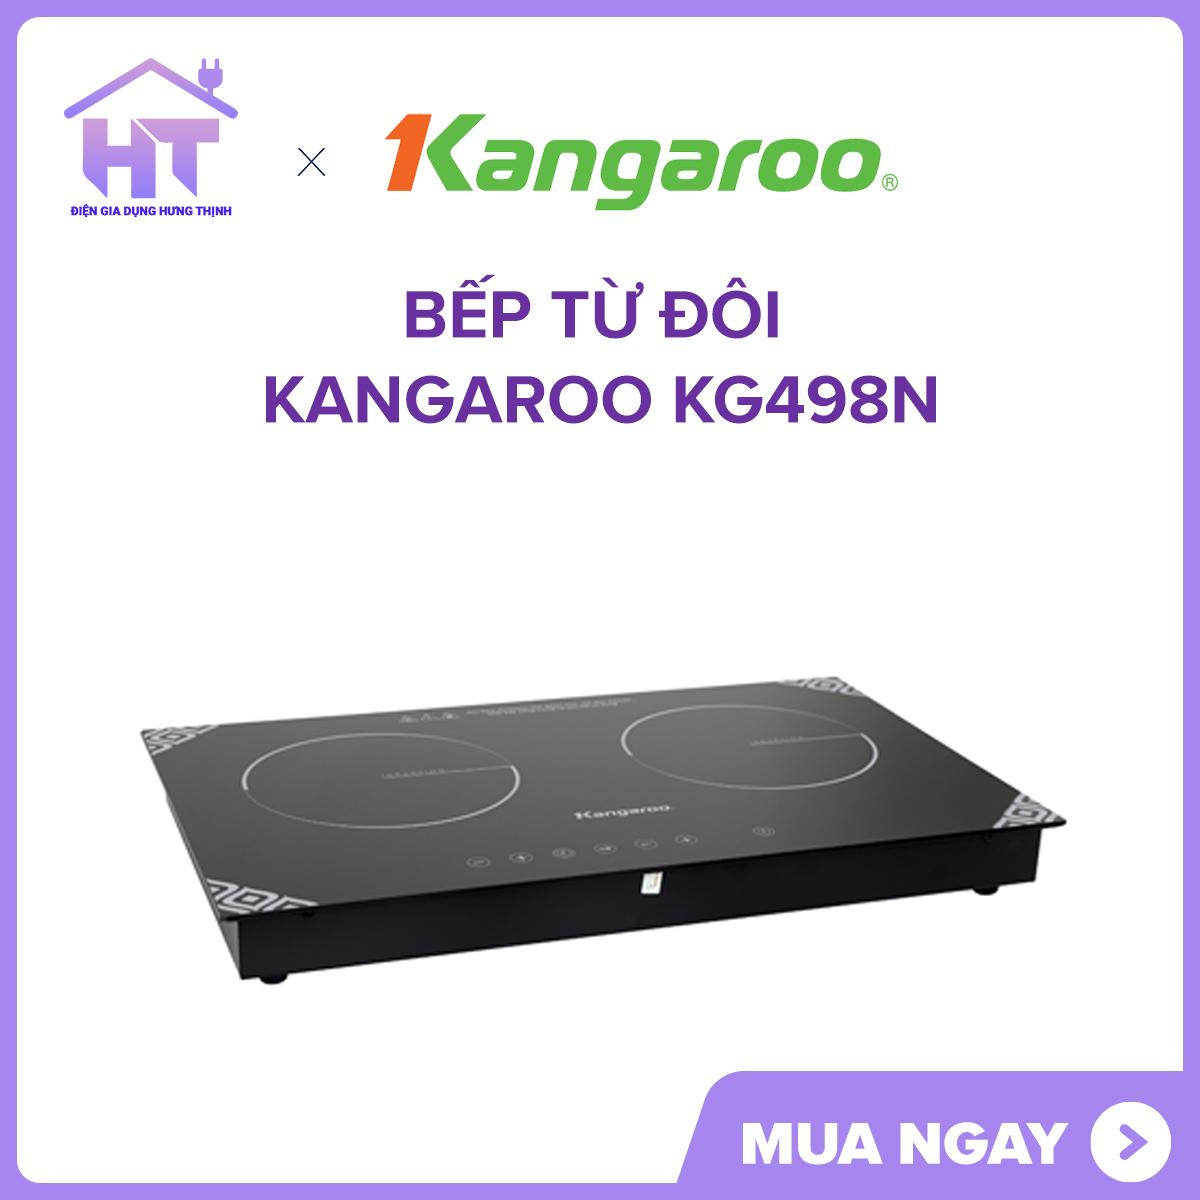 Bếp từ đôi Kangaroo KG498N Bếp từ có 2 lò đun, công suất tổng tới 3100 W, nấu ăn nhanh chóng.